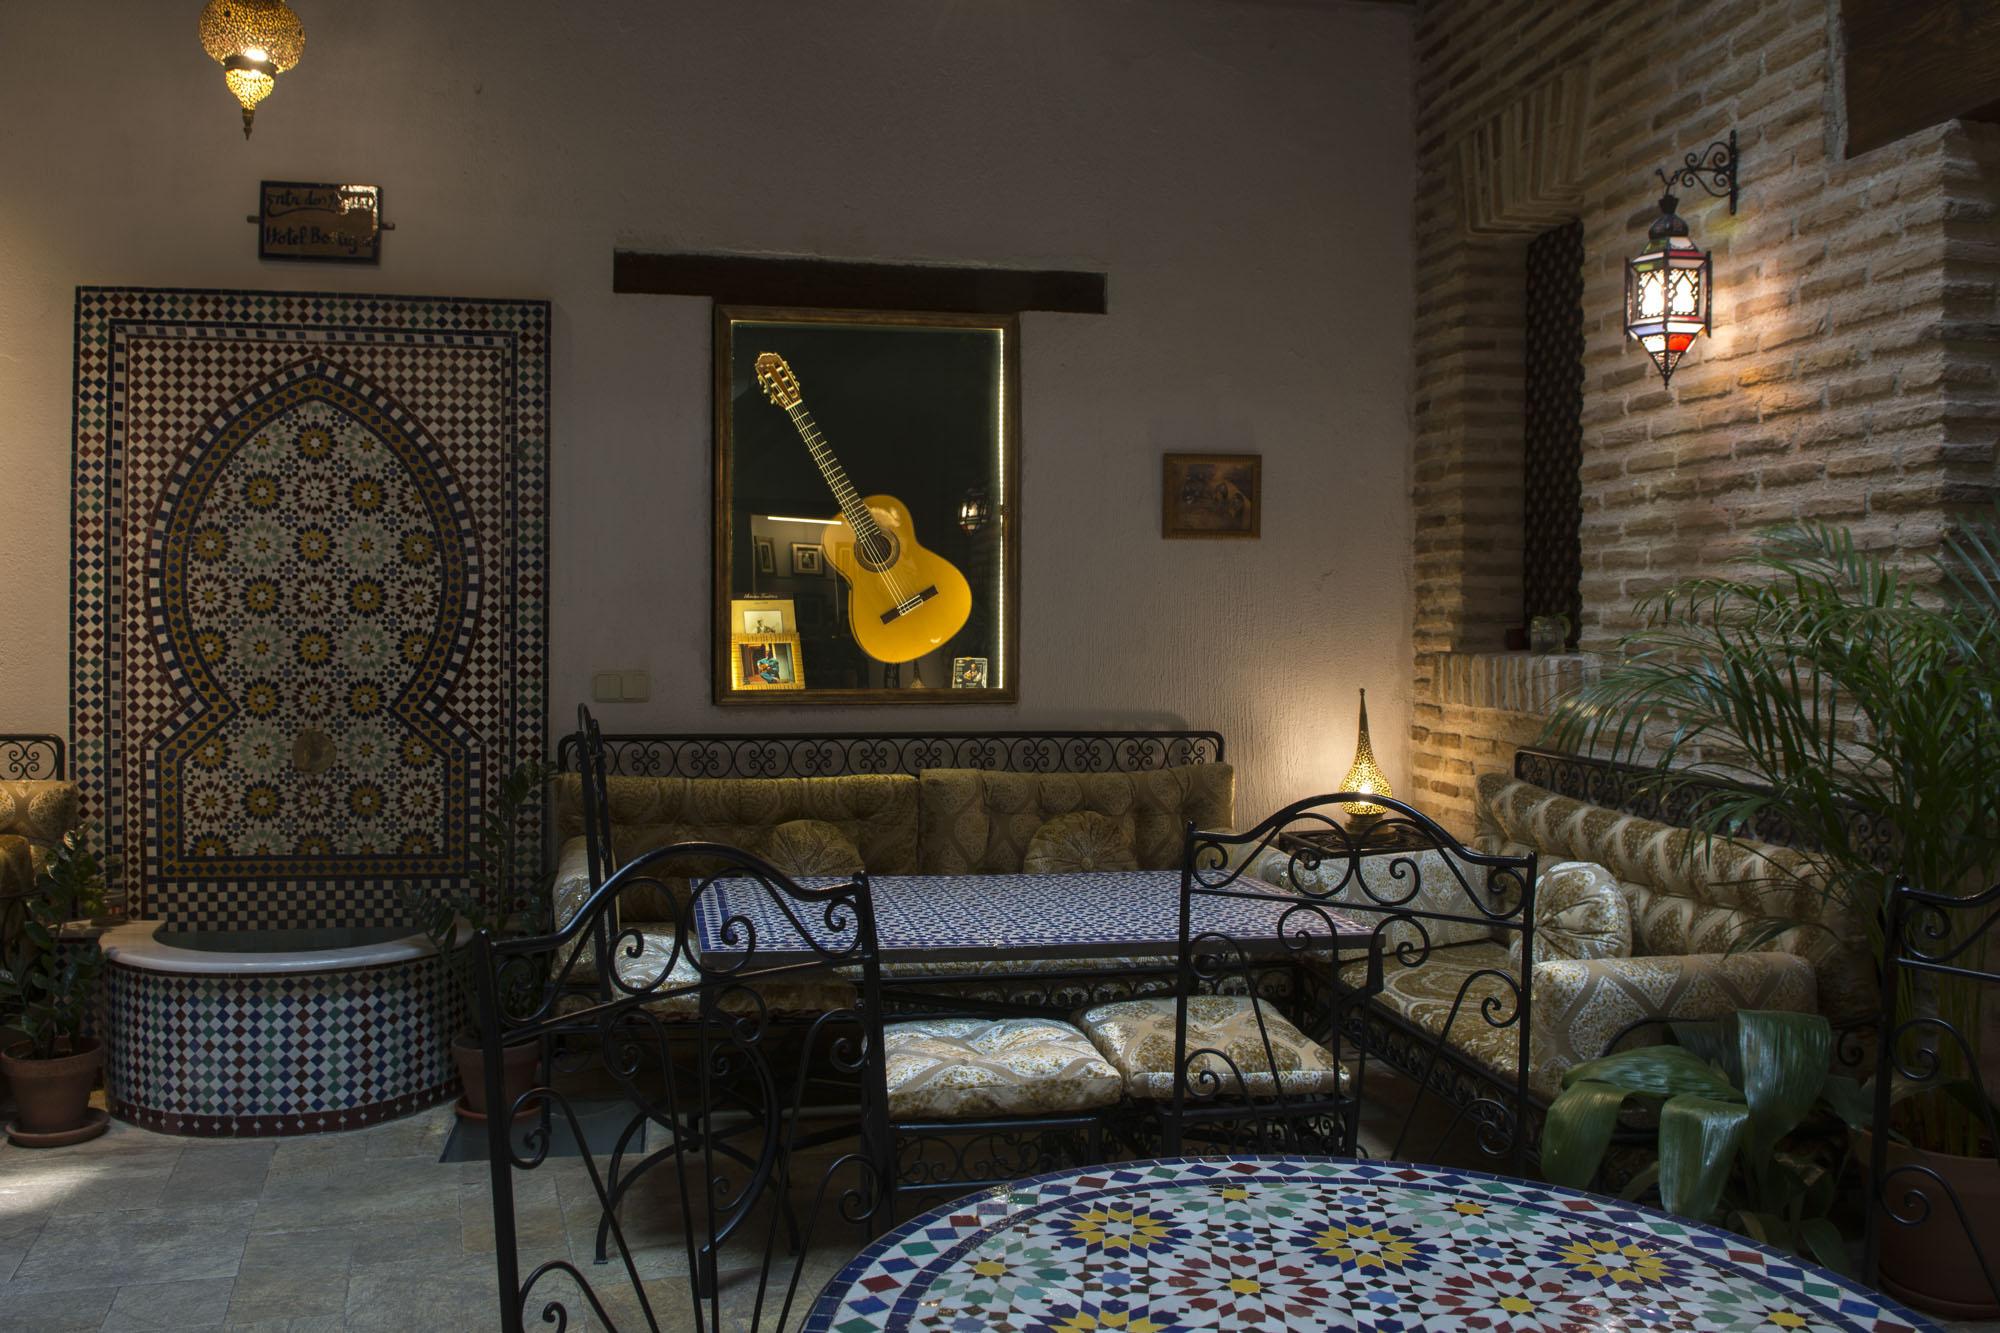 Planta baja del patio del hotel, con la guitarra de Paco de Lucía como protagonista absoluta.